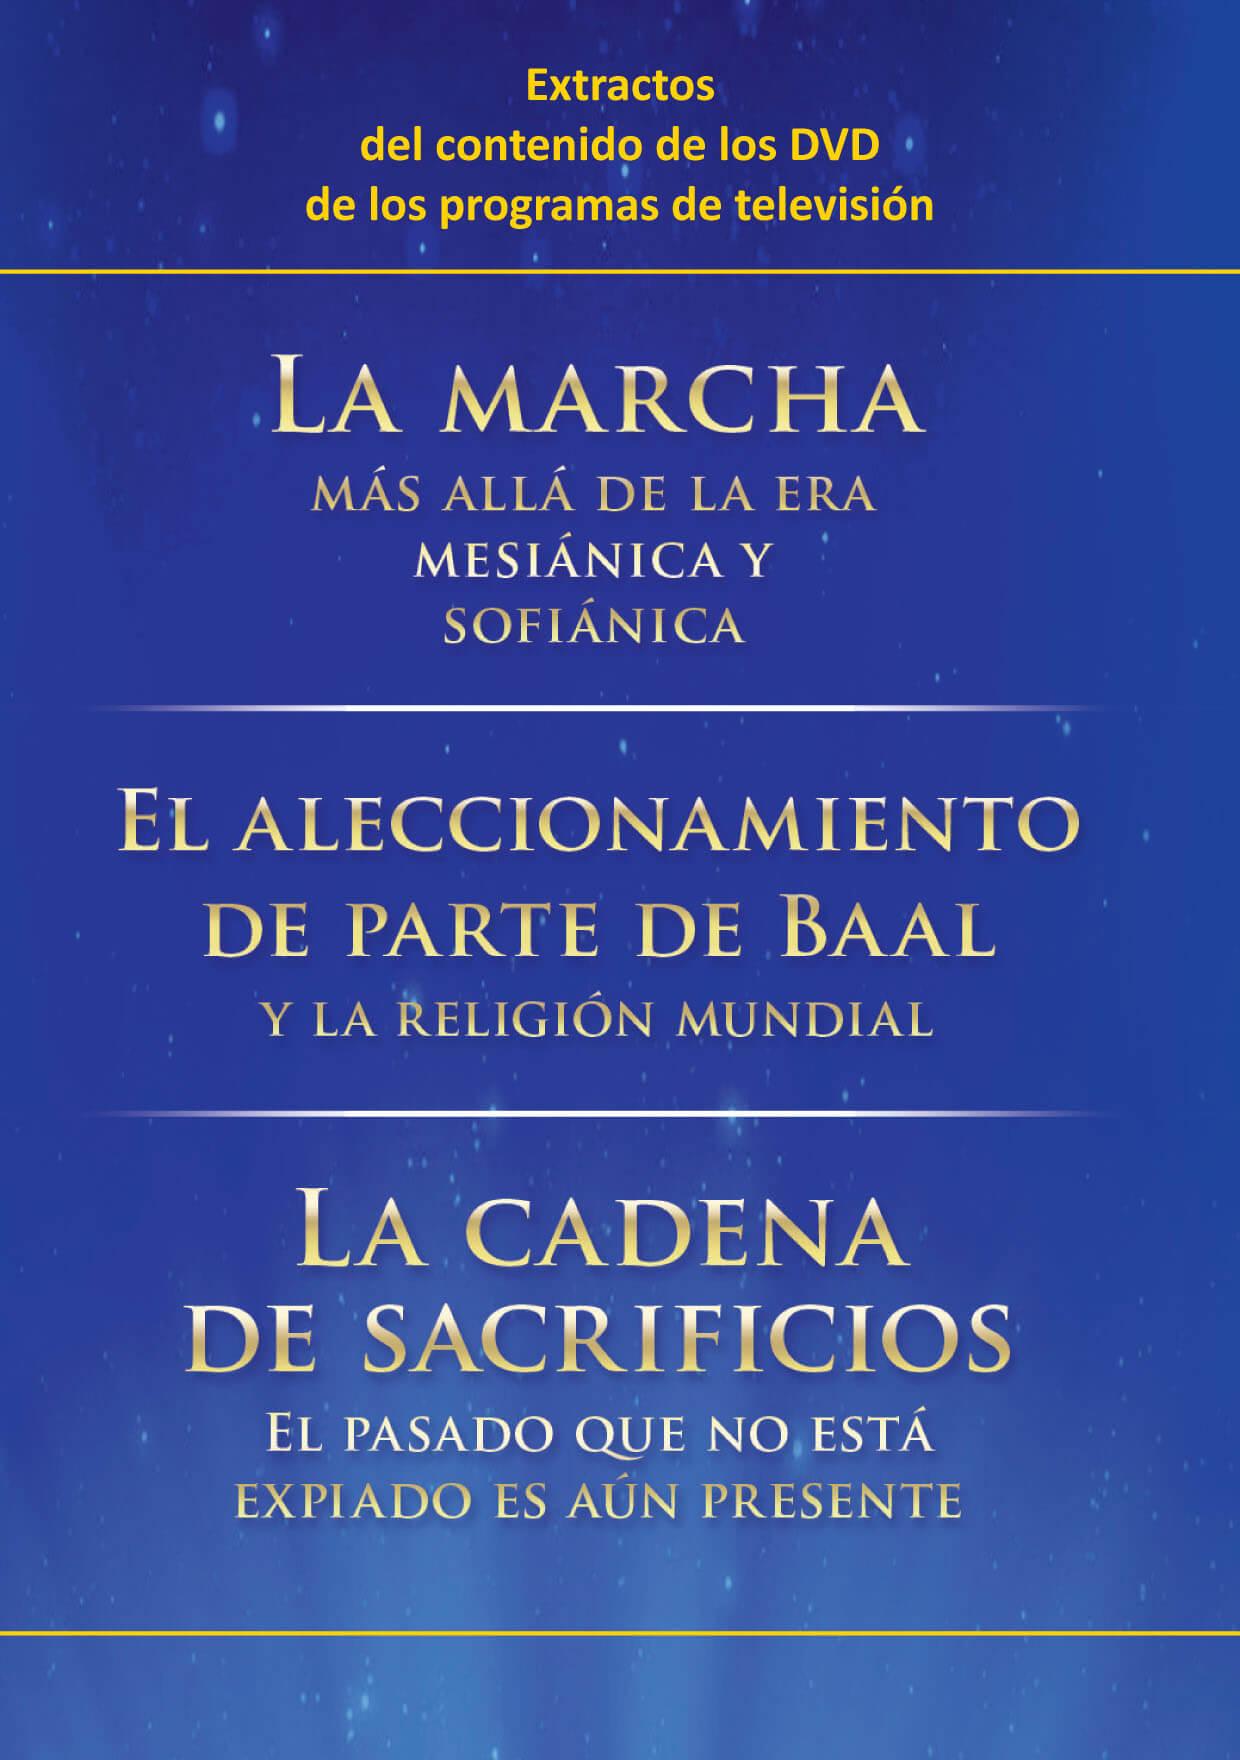 PDF - Extractos de «La marcha» - «El aleccionamiento de parte de Baal» - «La cadena de sacrificios»